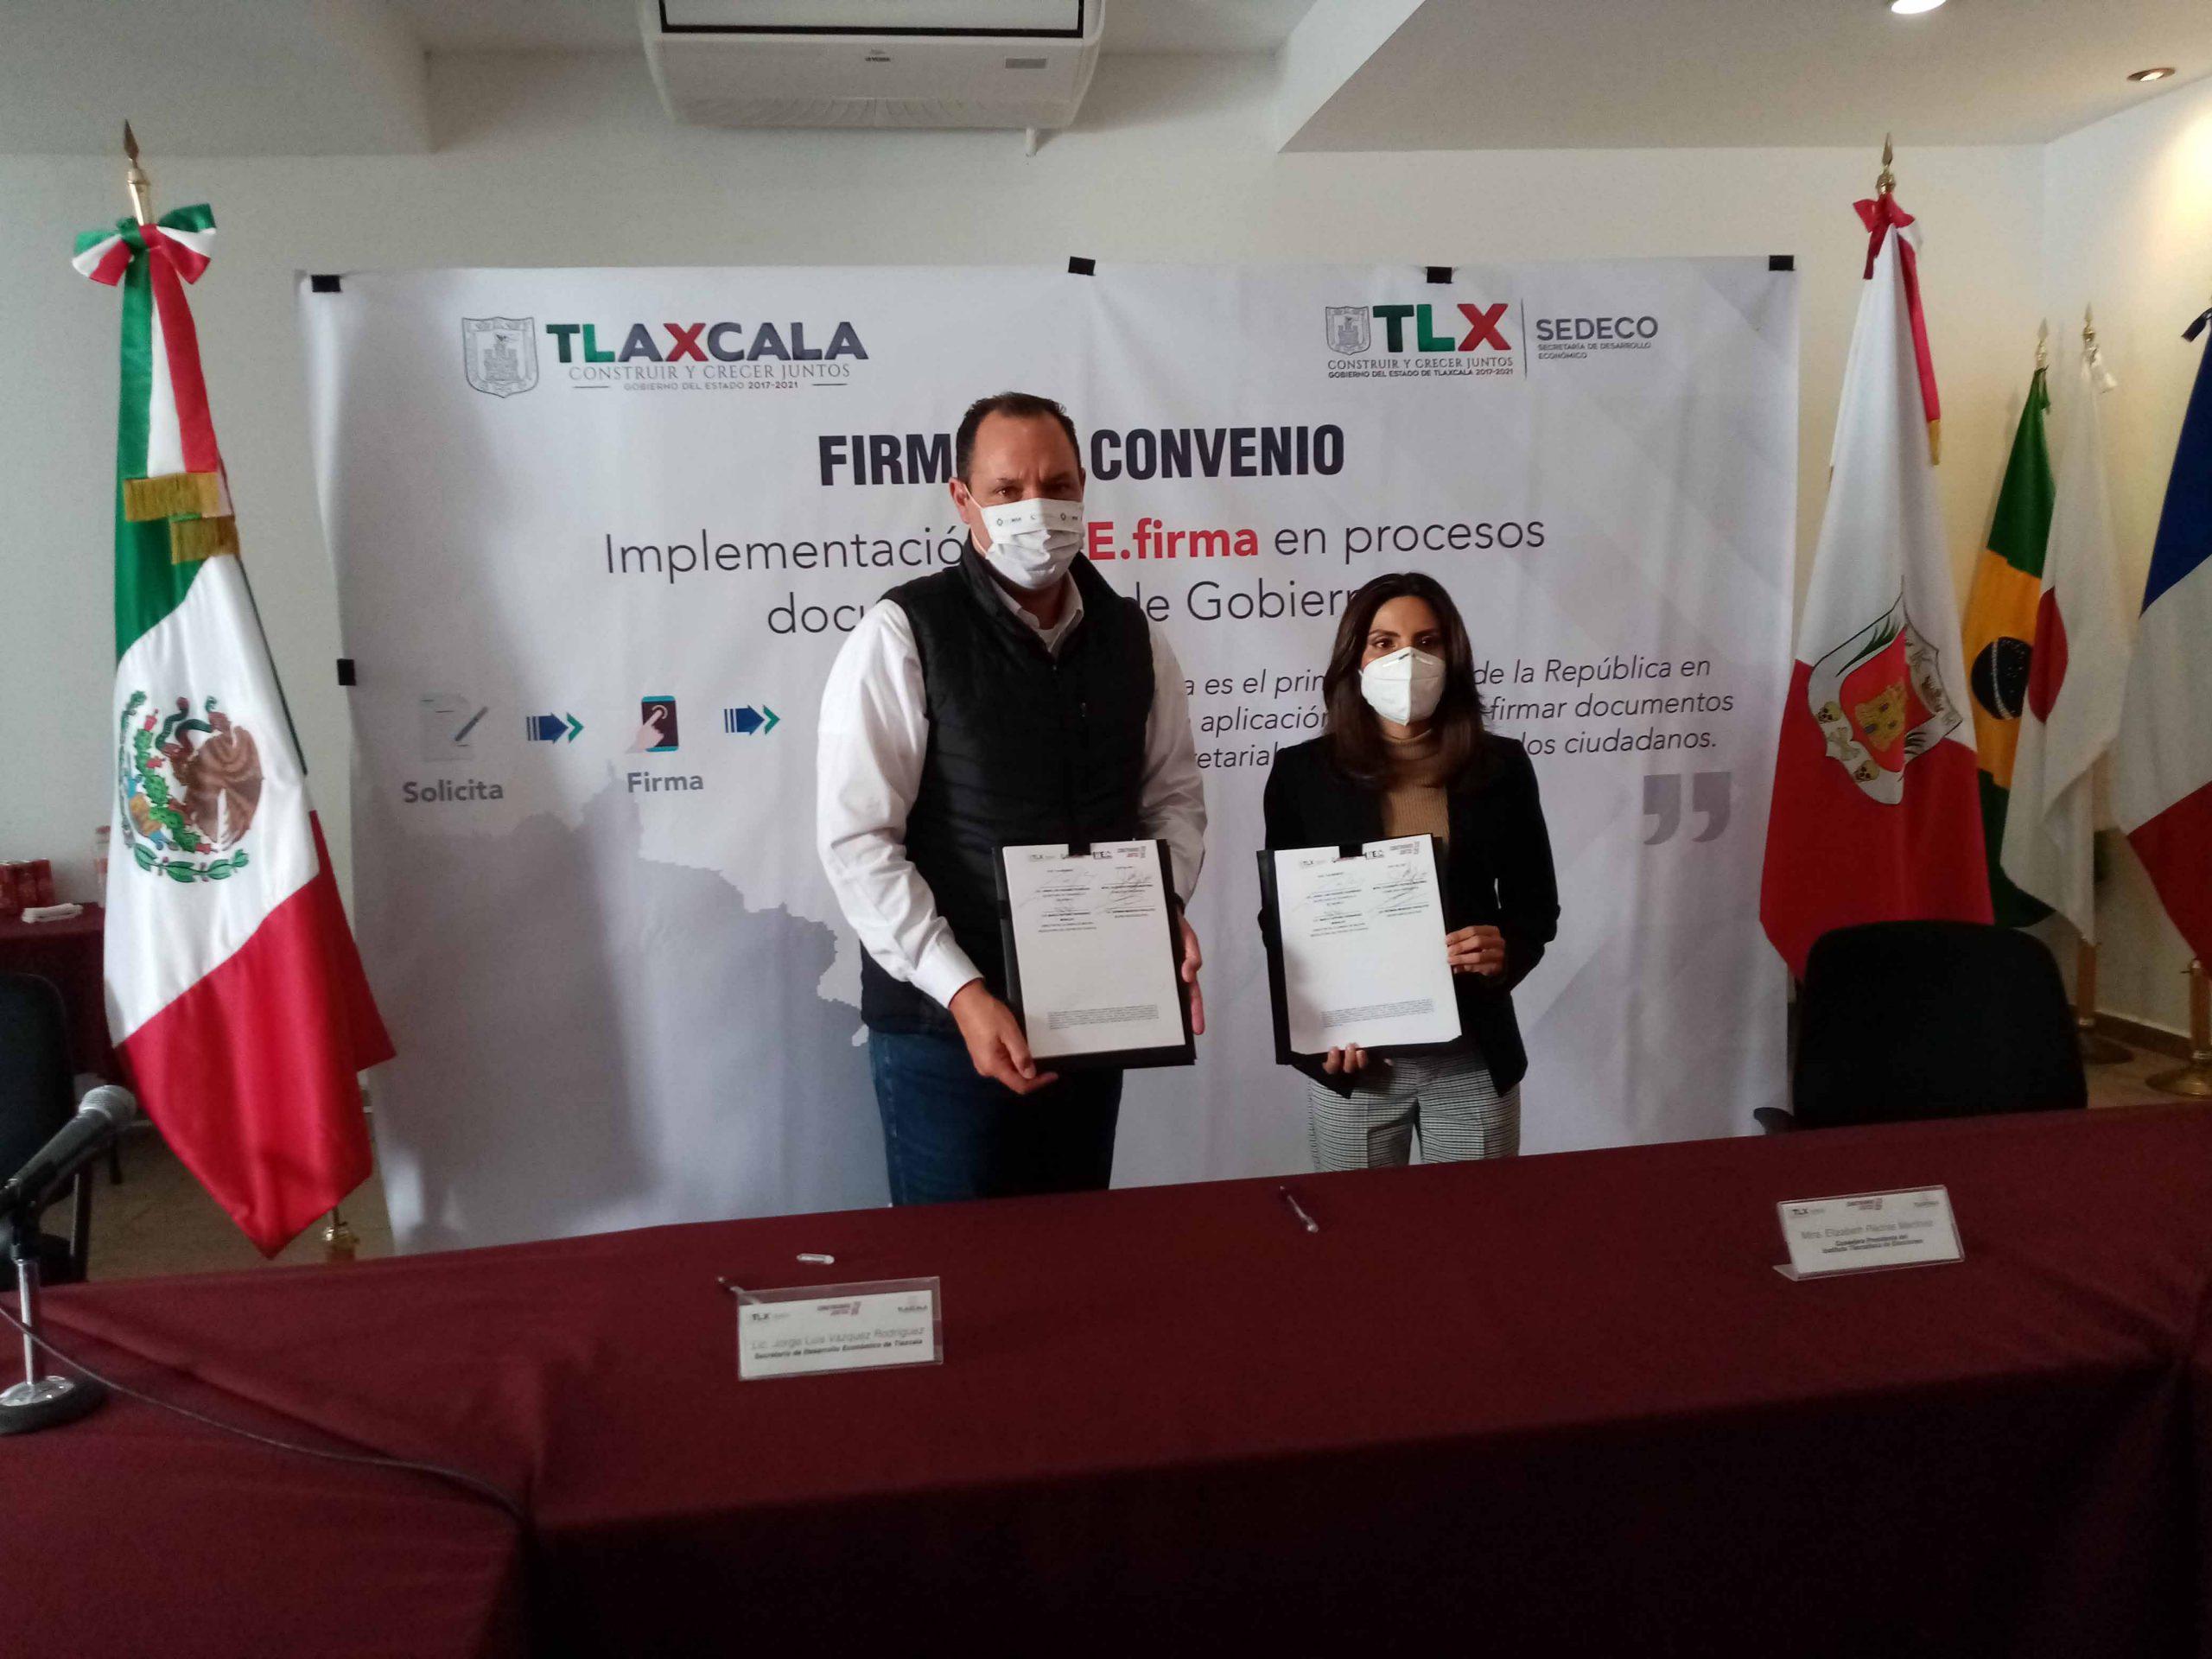 Signan SEDECO e ITE convenio para uso de firma electrónica.